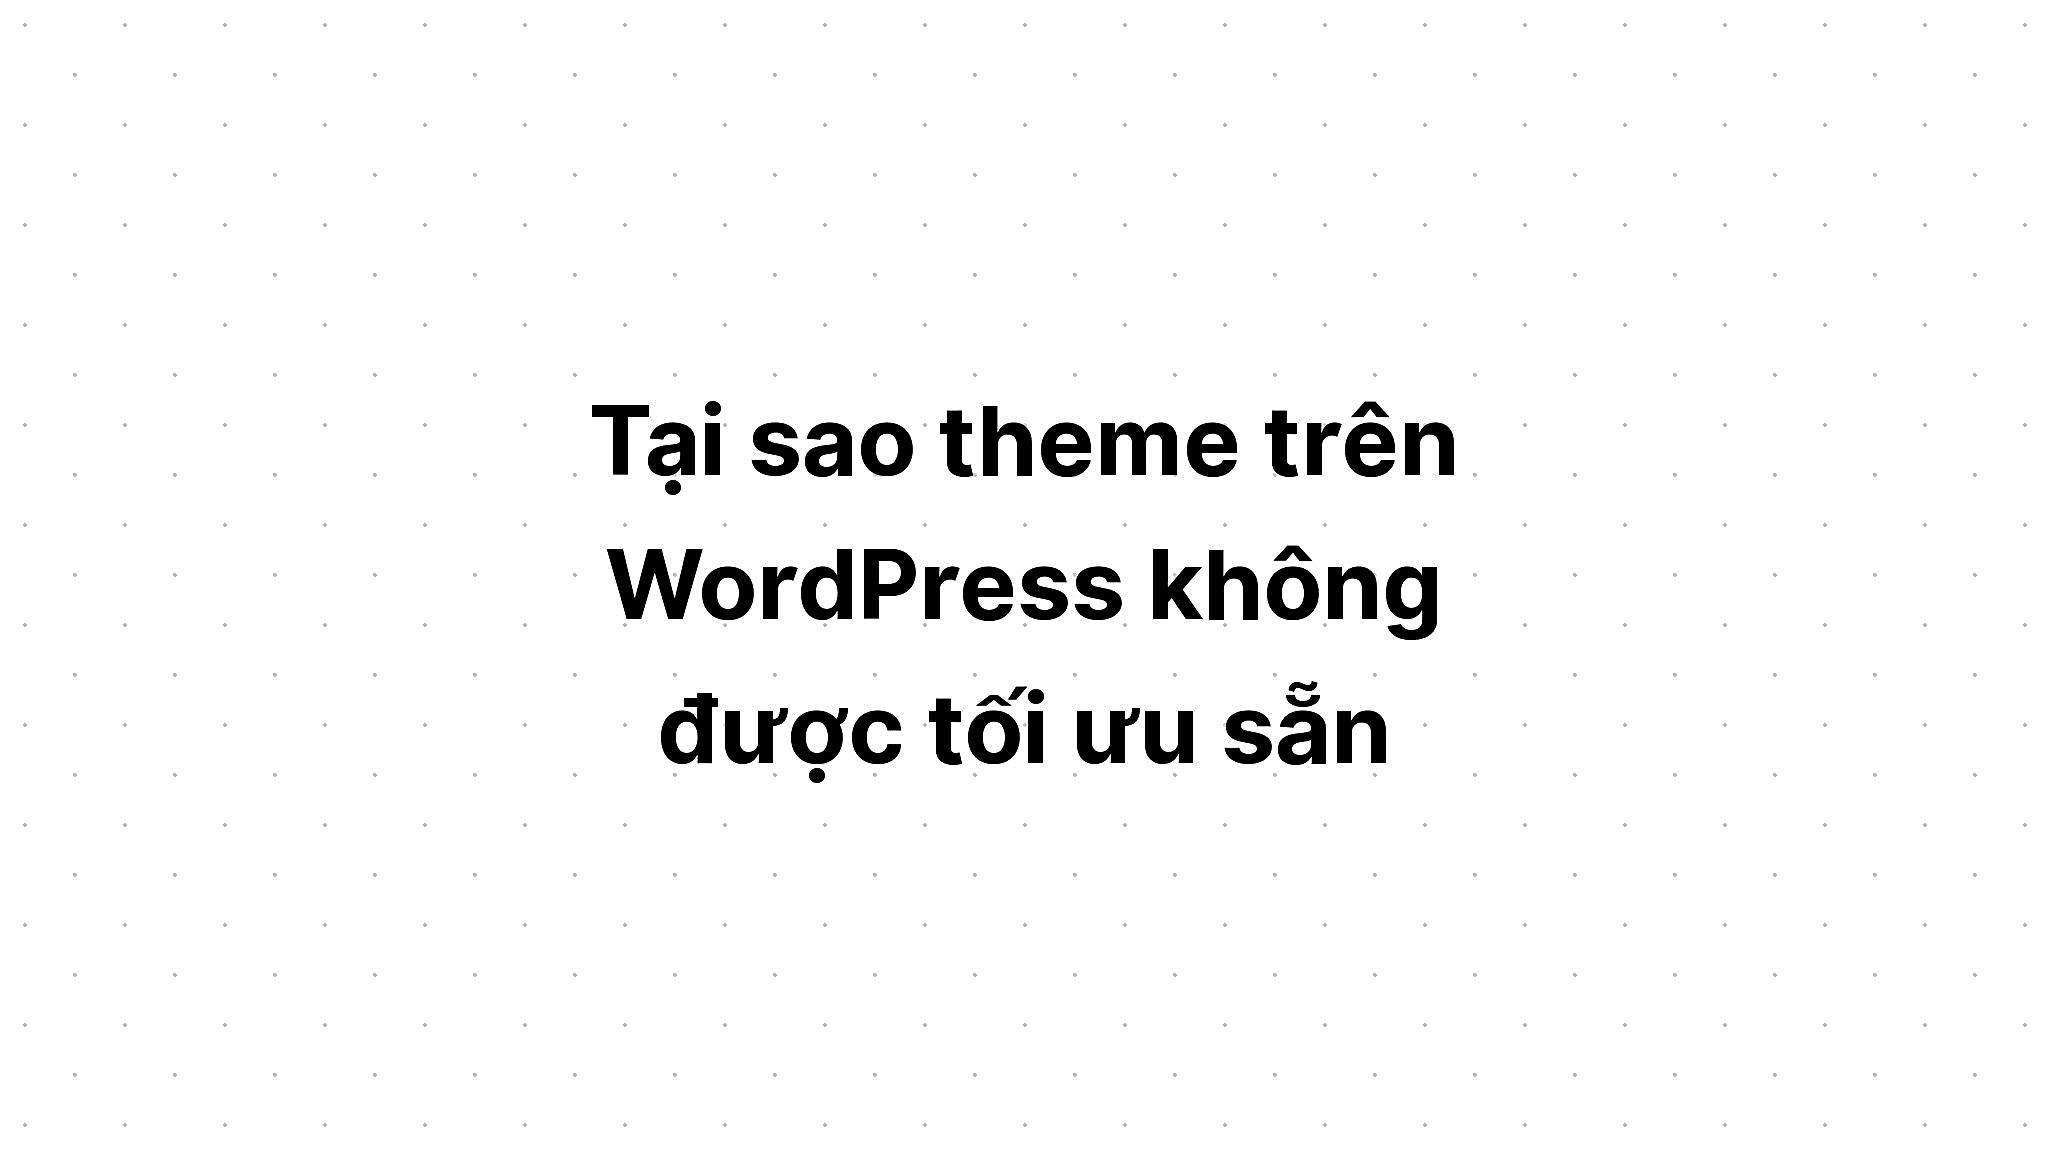 Tại sao theme trên WordPress không được tối ưu sẵn